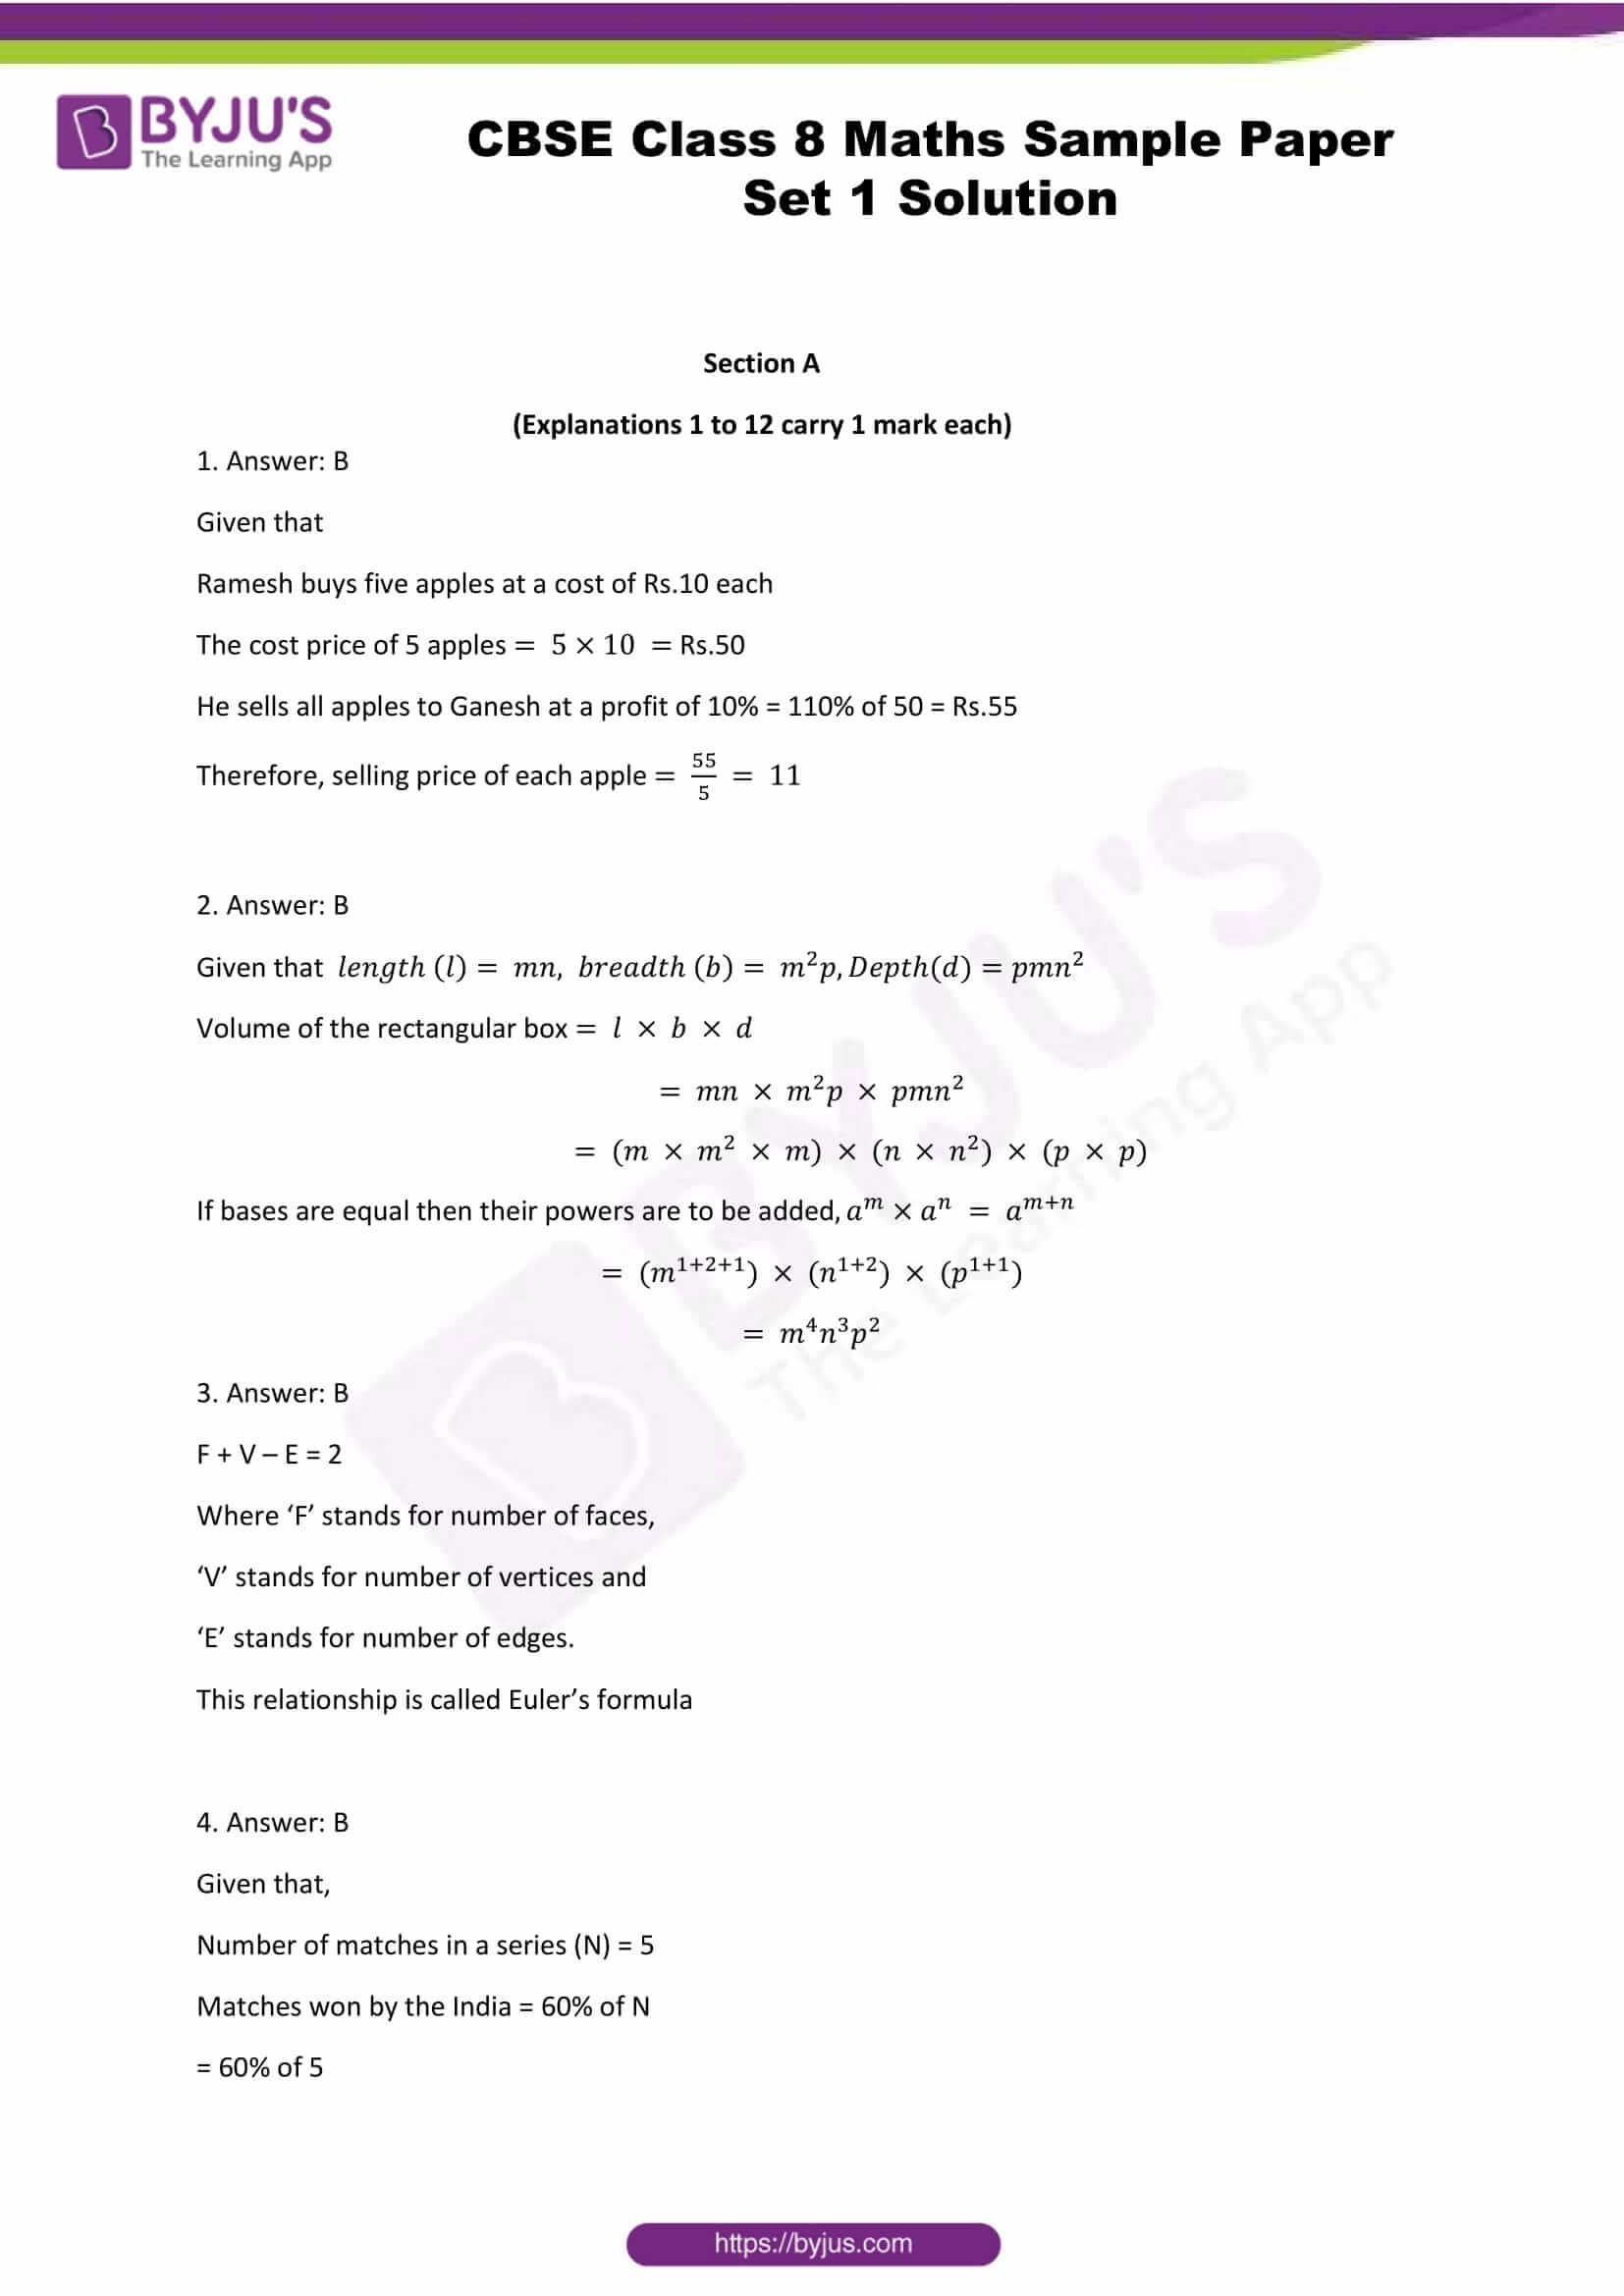 cbse class 8 maths sample paper set 1 solution